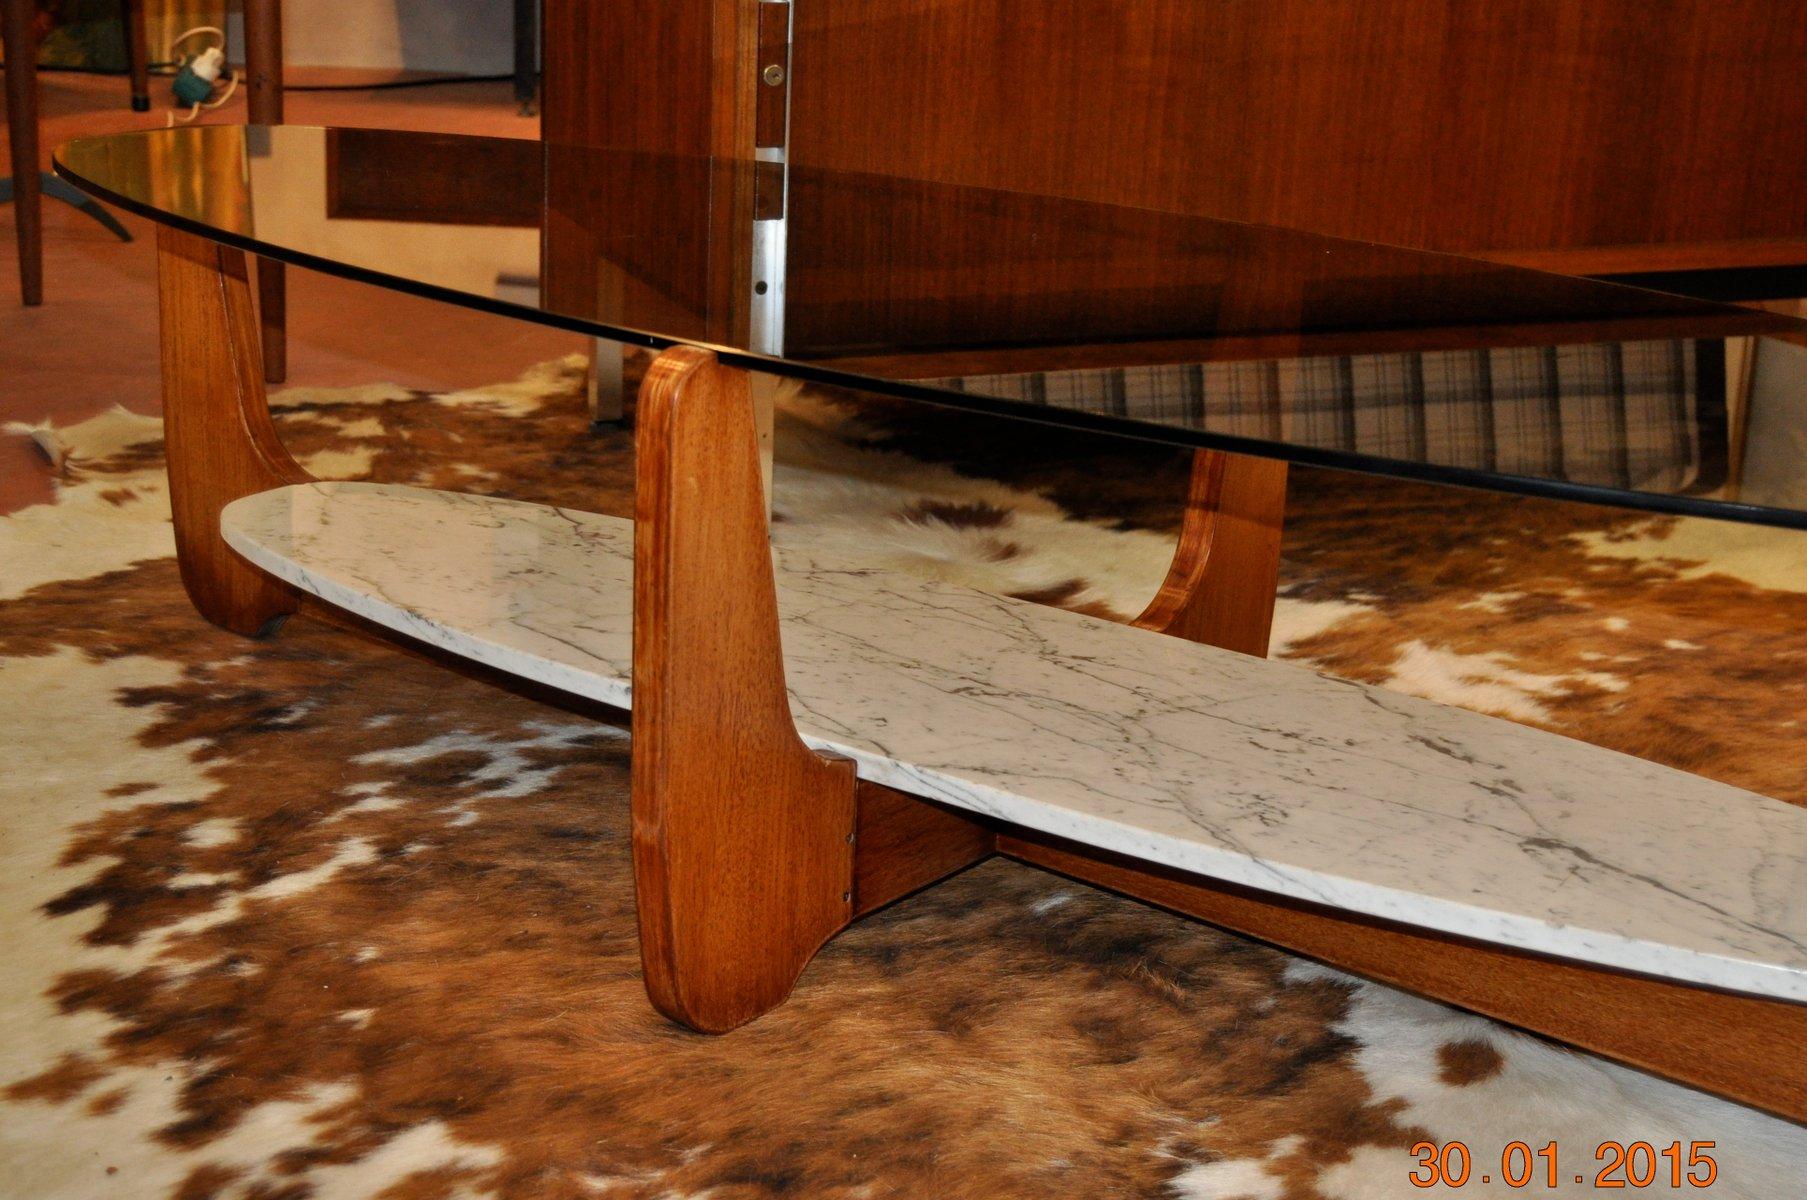 Ovaler mid century glas marmor couchtisch von hugues - Ovaler couchtisch glas ...